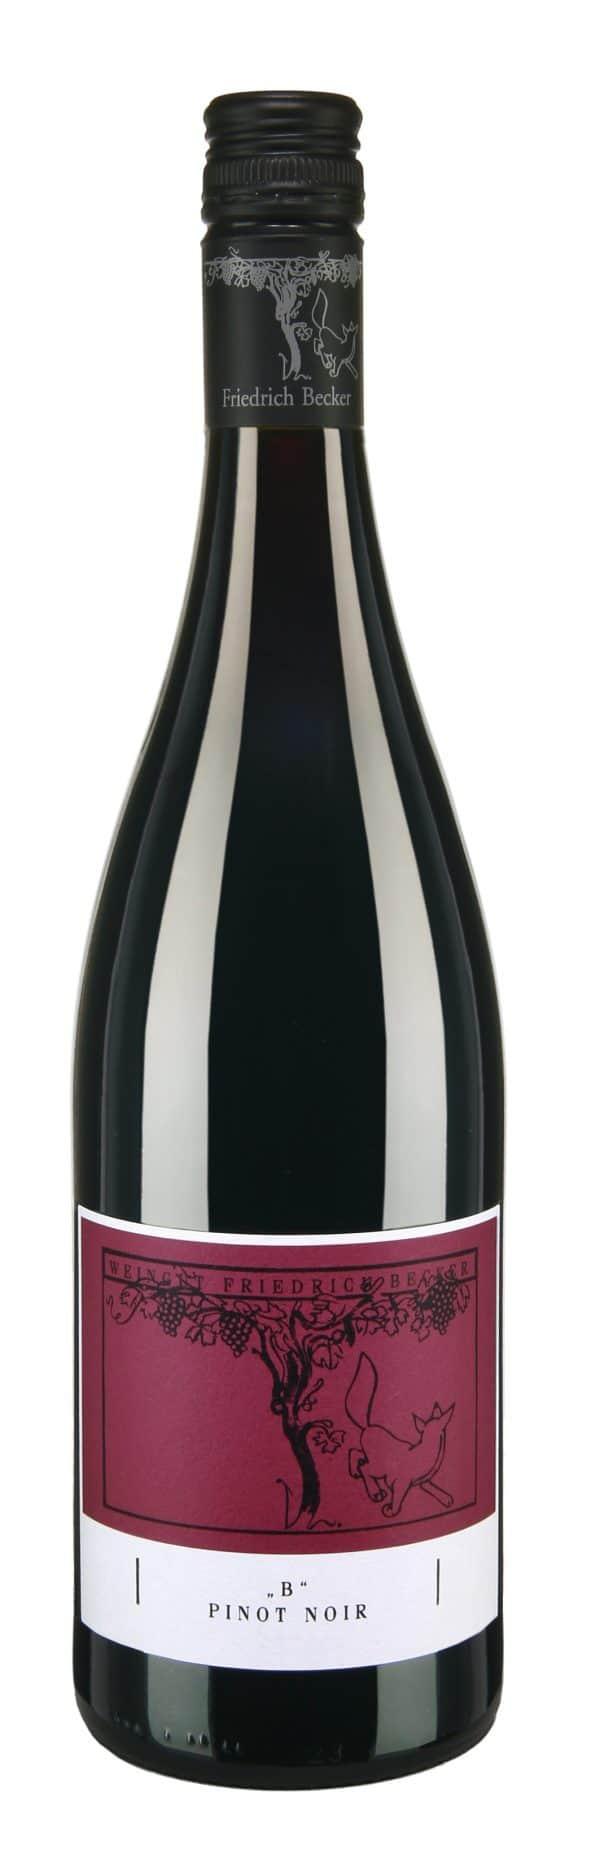 6 Flaschen 2016 Pinot Noir -B-